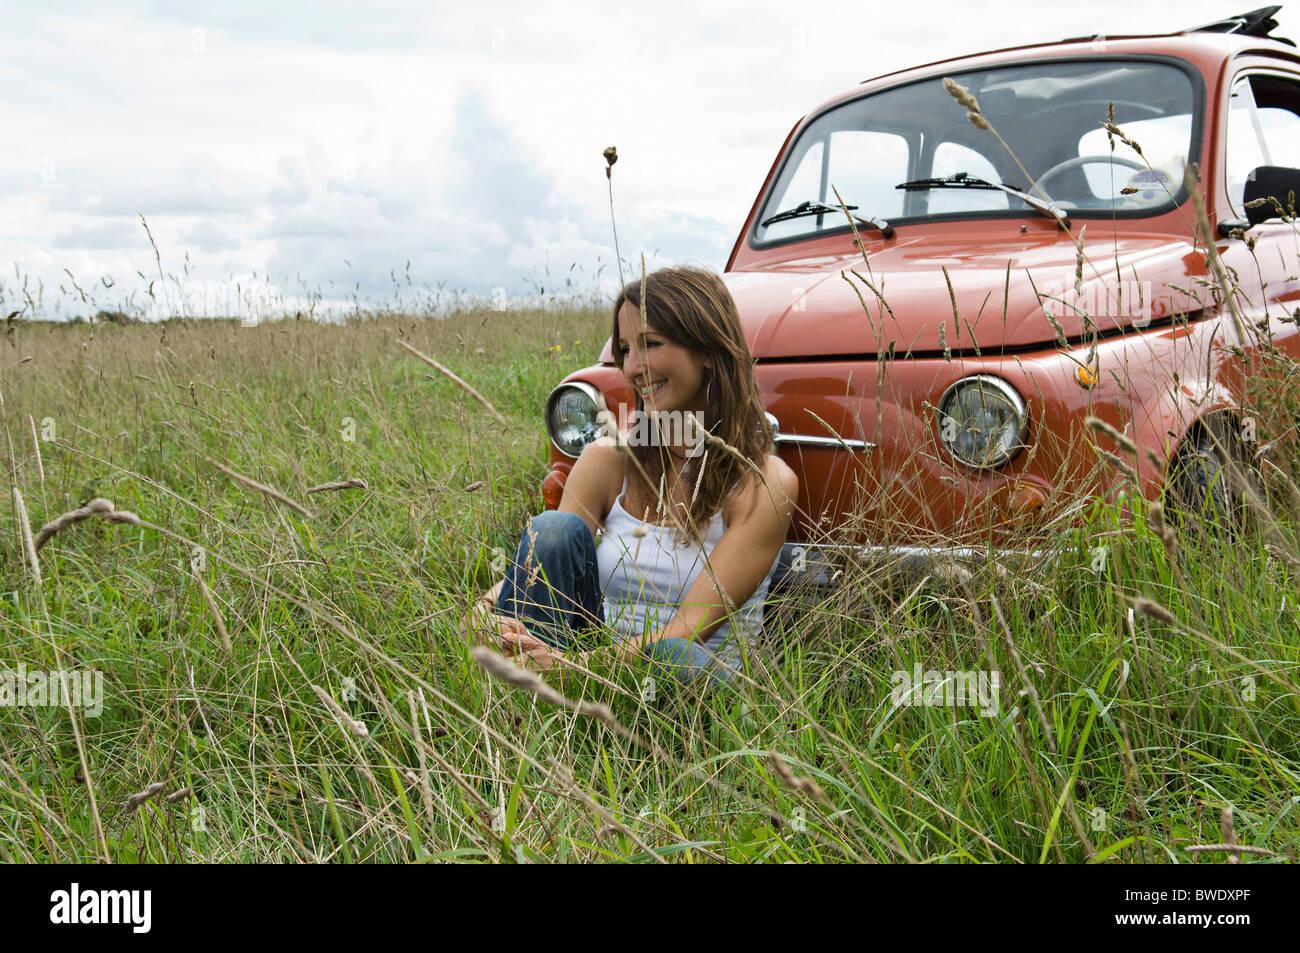 Femmina rilassato in auto in campagna Immagini Stock